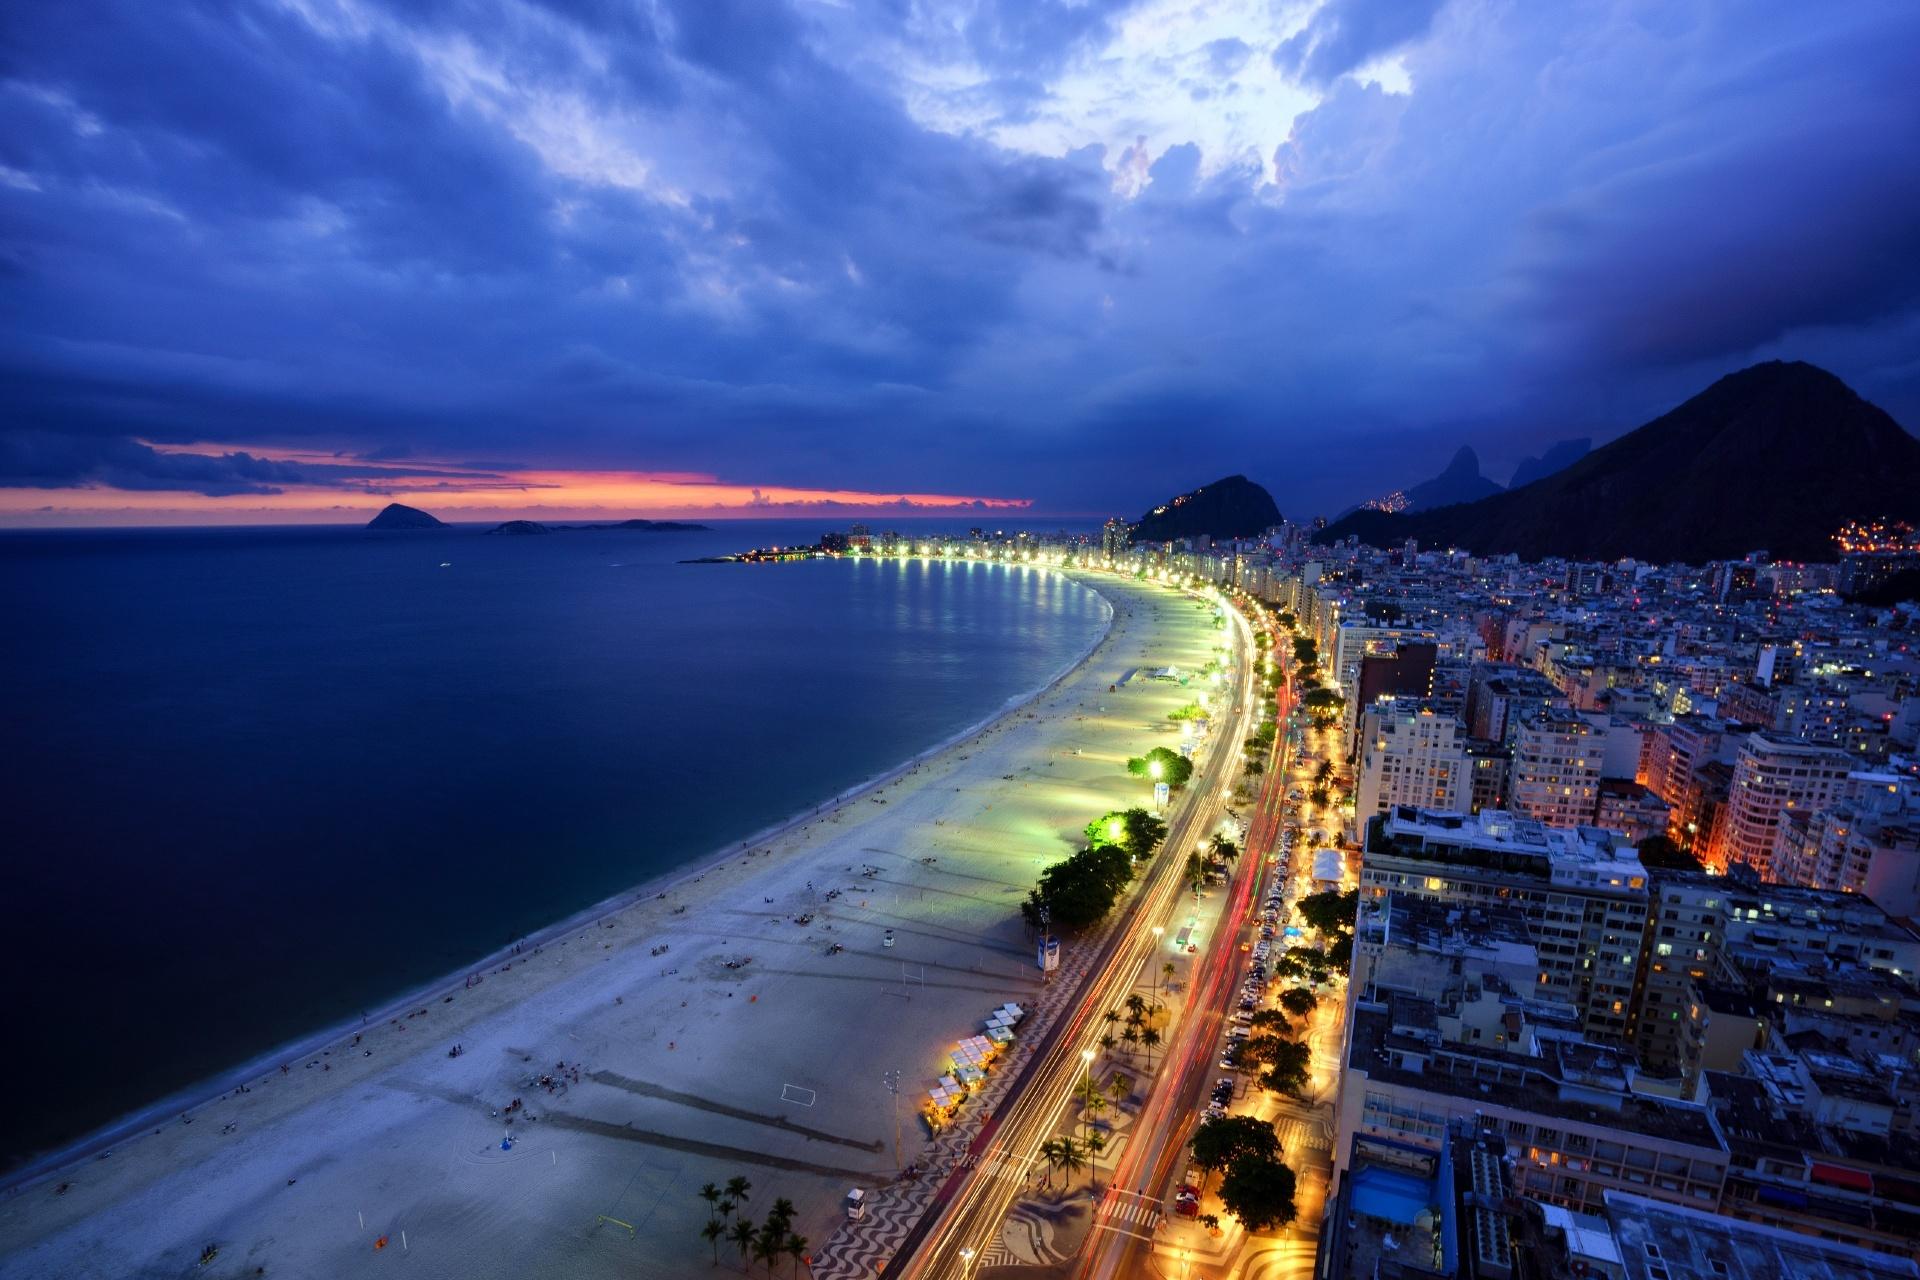 リオデジャネイロ 夜のコパカバーナビーチ ブラジルの風景